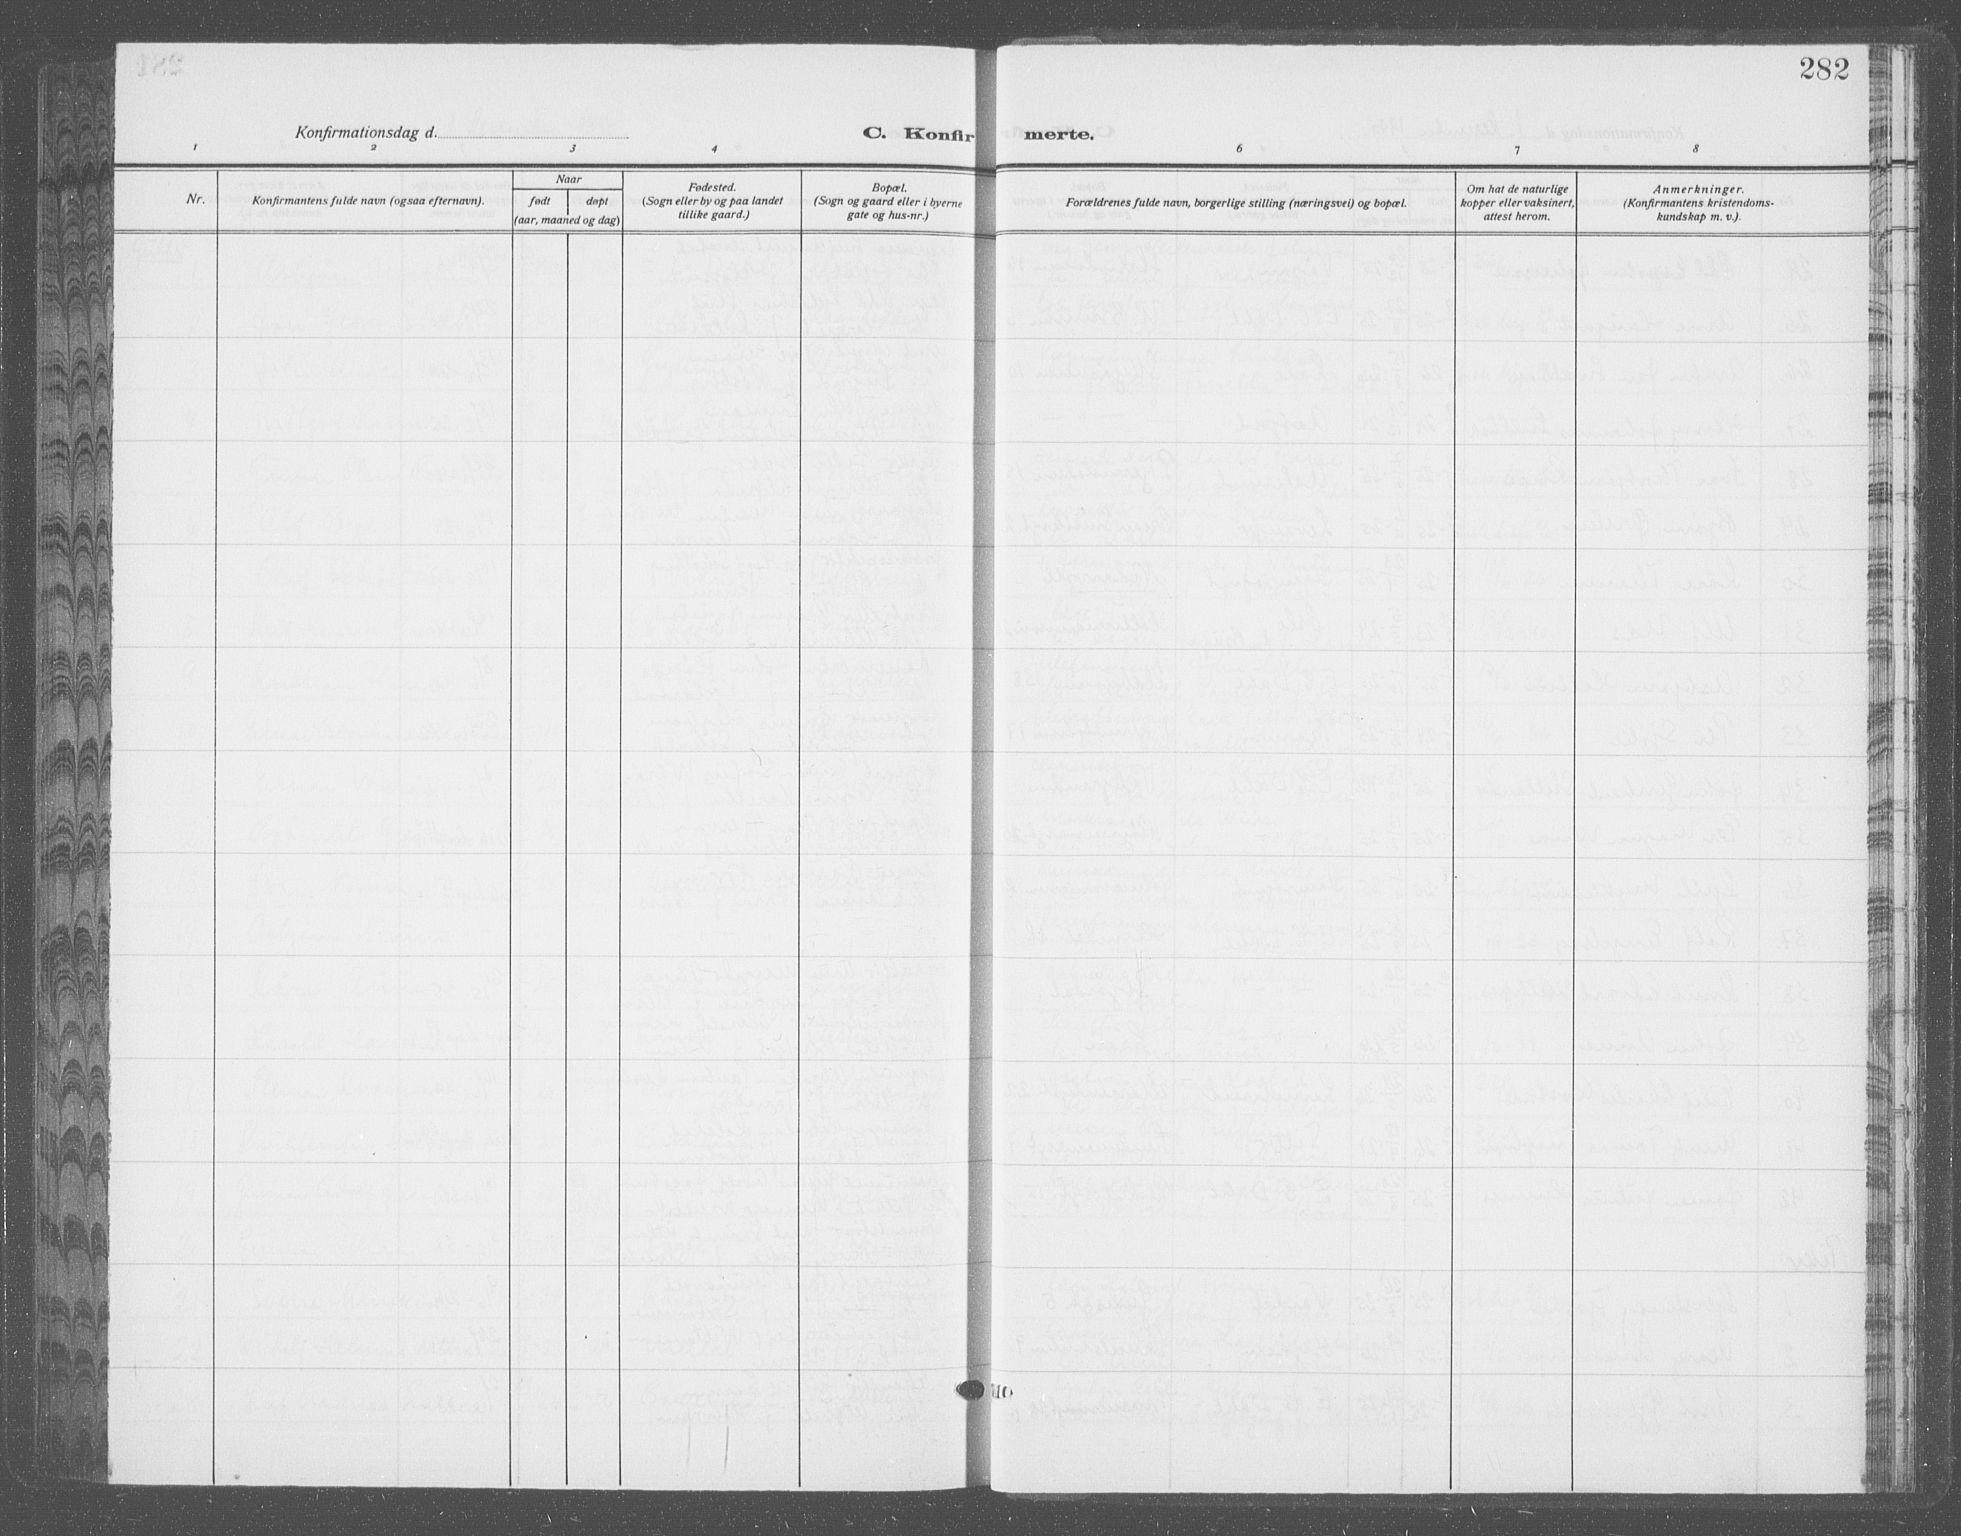 SAT, Ministerialprotokoller, klokkerbøker og fødselsregistre - Sør-Trøndelag, 601/L0099: Klokkerbok nr. 601C17, 1928-1941, s. 282